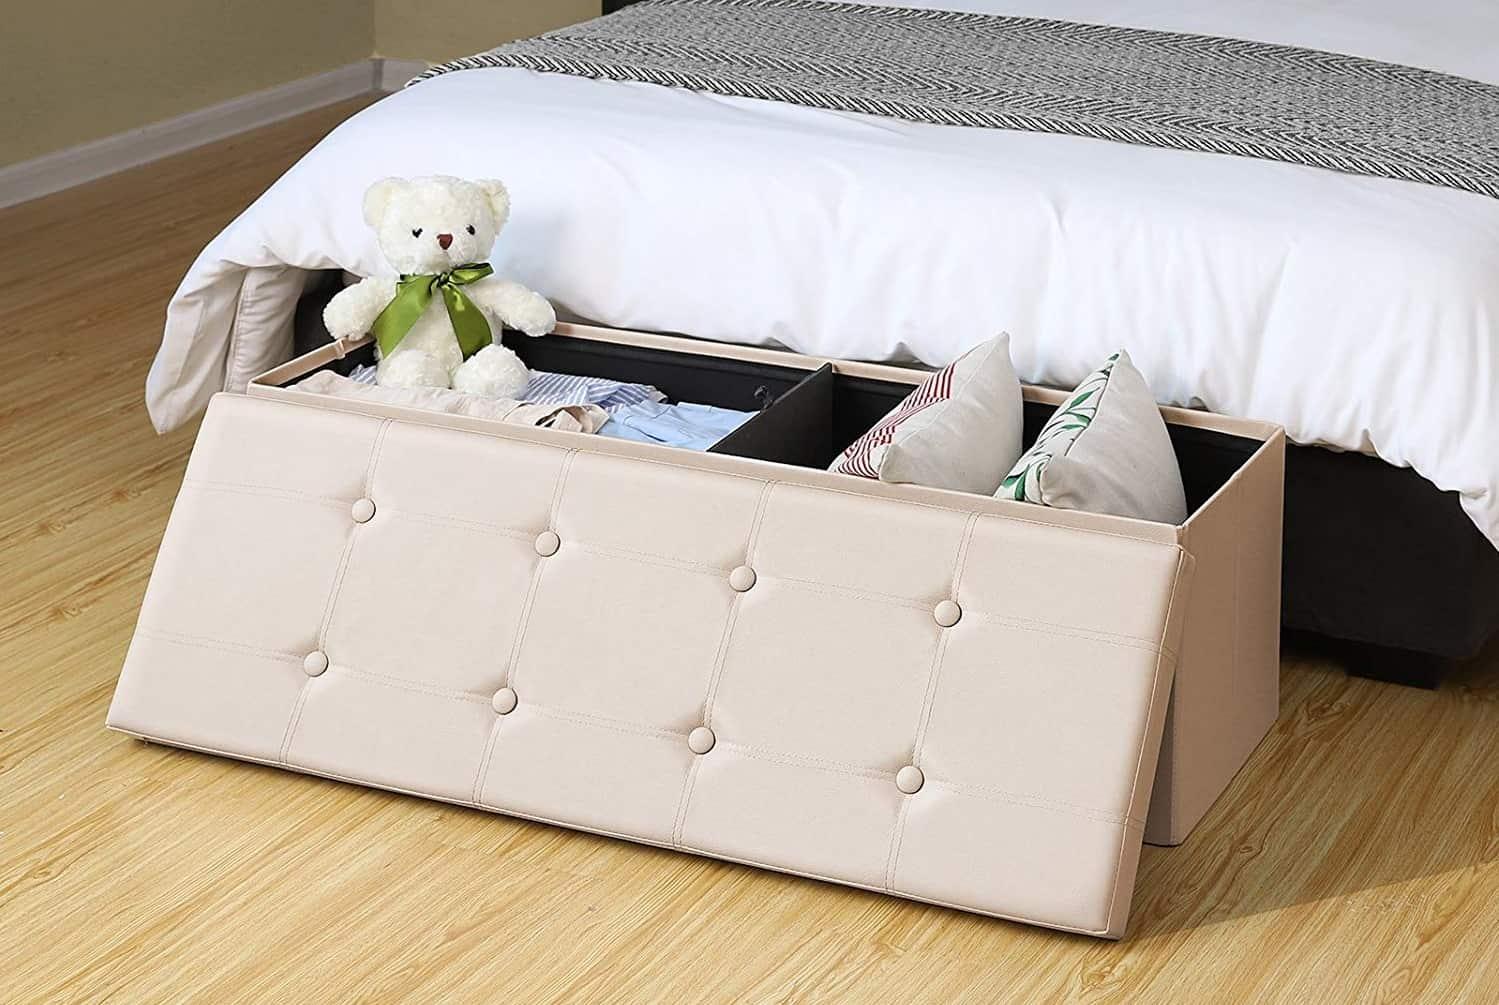 Storage Bench - Interior Storage